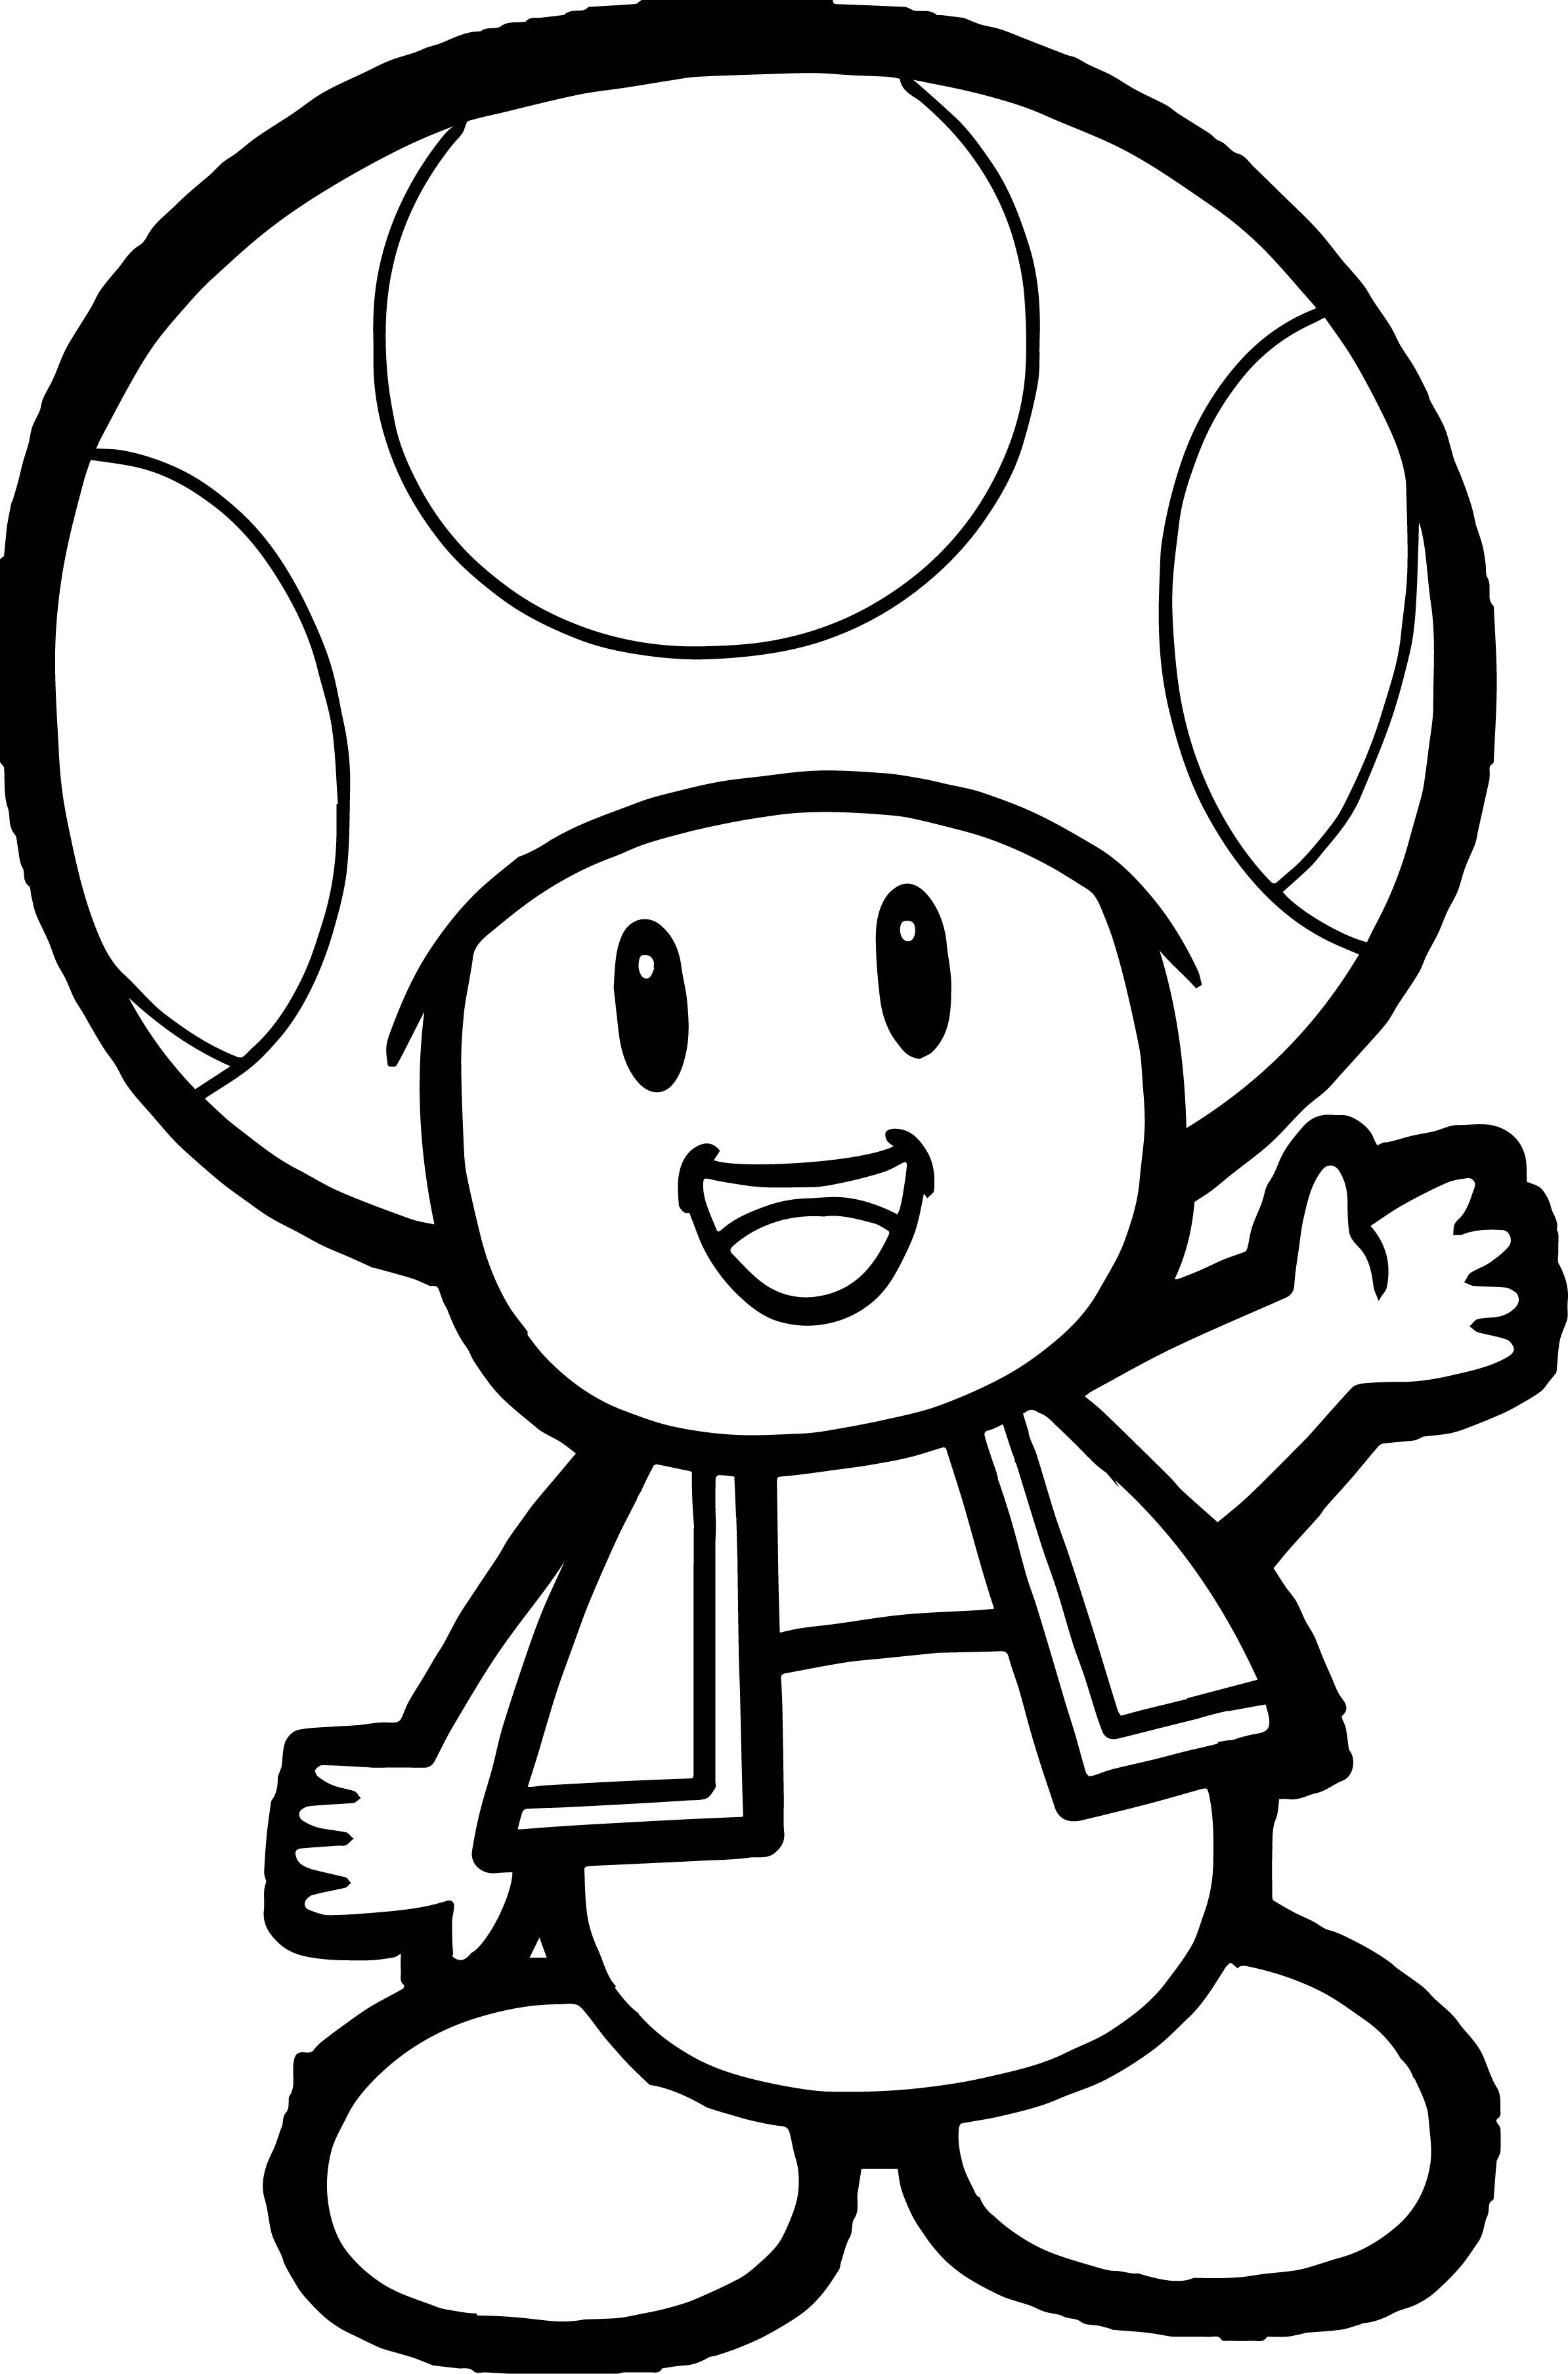 Nice Super Mario Mushroom Coloring Page Super Mario Coloring